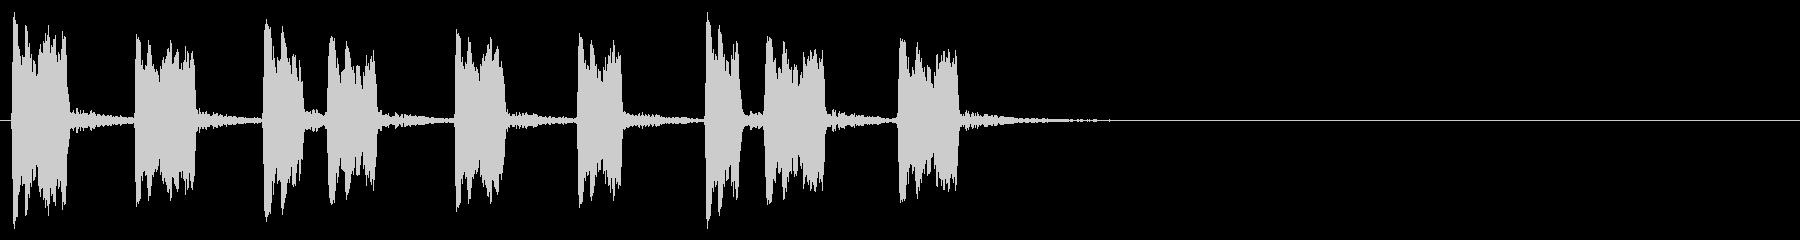 汎用31 サンバホイッスルの未再生の波形